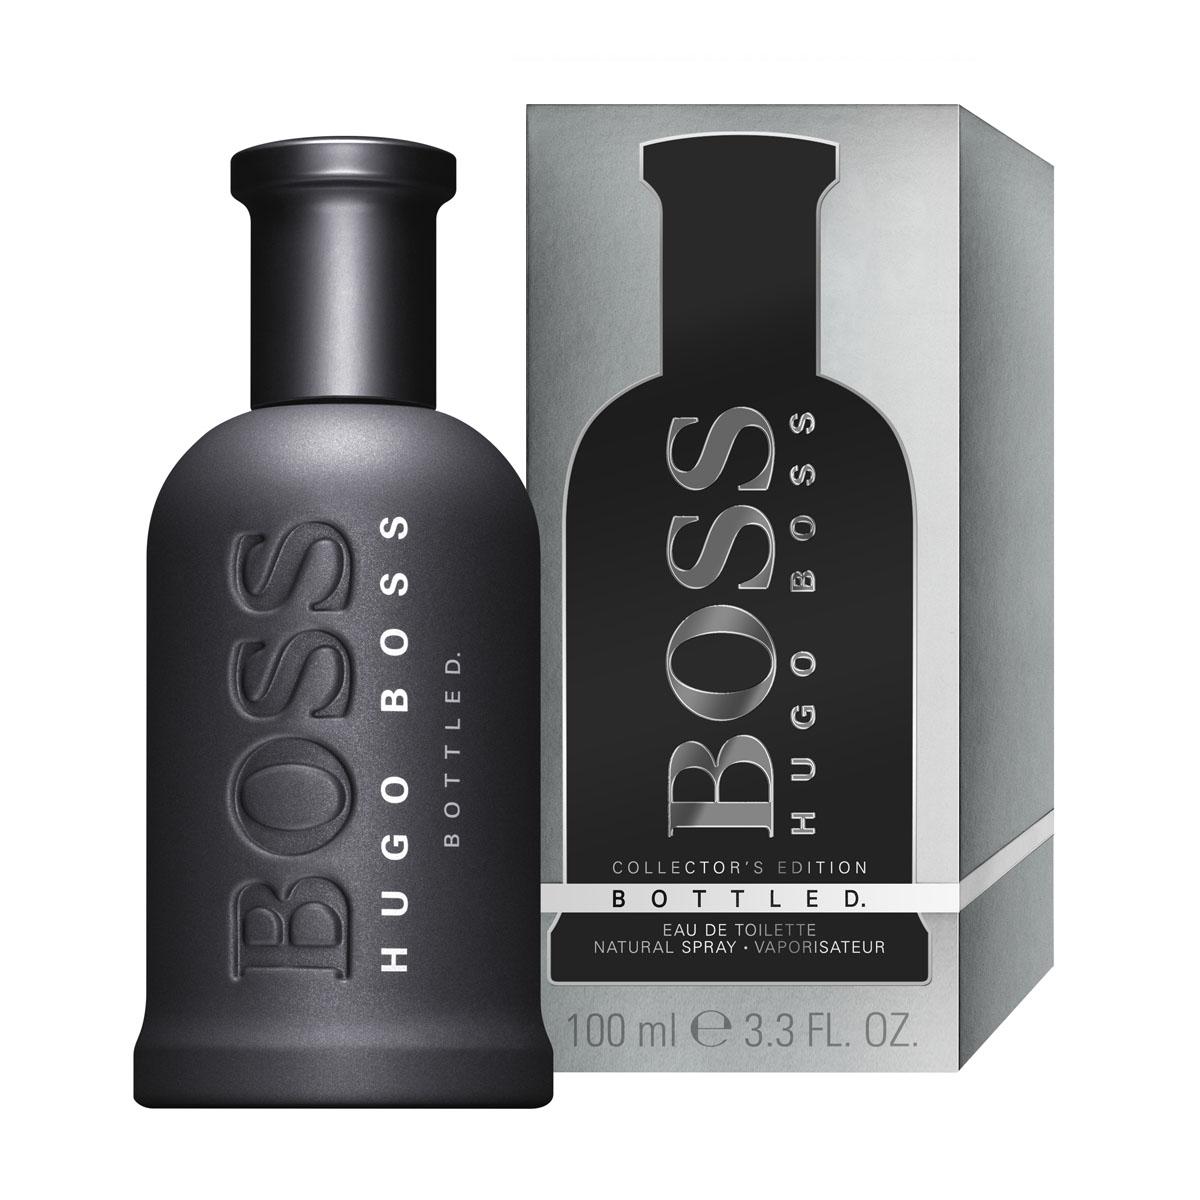 Hugo Boss Bottled Collectors Edition Туалетная вода 50 мл1301210Boss Bottled - бесспорно, один из самых успешных мужских ароматов. С тех пор как Boss Bottled появился на рынке в 1998 году, он входит в 10-ку бестселлеров. Культовый флакон с простыми, лаконичными формами стал классикой. Рельефный логотип и серебристая матовая крышечка довершают дизайн. Стильный, элеганттный, сдержанный - узнаваемый Boss. В композиции звучит красное яблоко, сладковатое, но свежее, и древесные ноты, которые придают аромату глубину и мужественность. Boss Bottled - завершающий элемент ежедневного гардероба успешных и амбициозных мужчин во всем мире. Boss - мужественный, уверенный бренд: Идеальный образ для Достижения успеха.Захватывающий, Смелый, Чувственный, Изысканный, но при этом абсолютно Мужественный аромат.